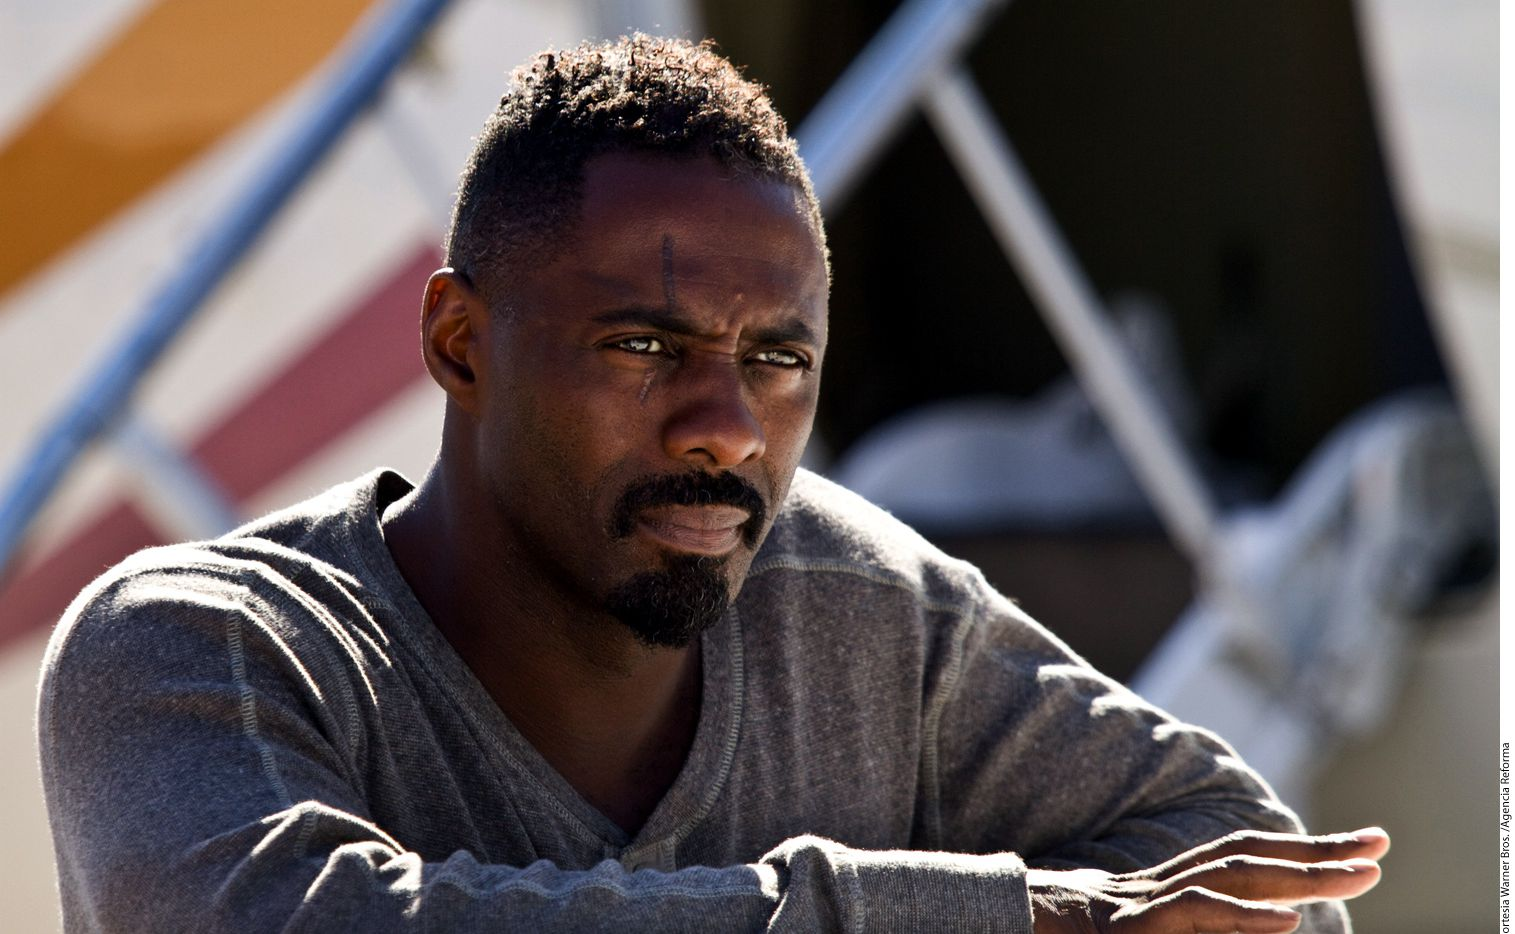 En entrevista con el diario The Sun, Hamlin, una abogada estadounidense actualmente de 44 años, afirma que el actor Idris Elba, famoso por series como The Wire y Luther, la dejó pese a estar enamorado por consejo de otras personas.